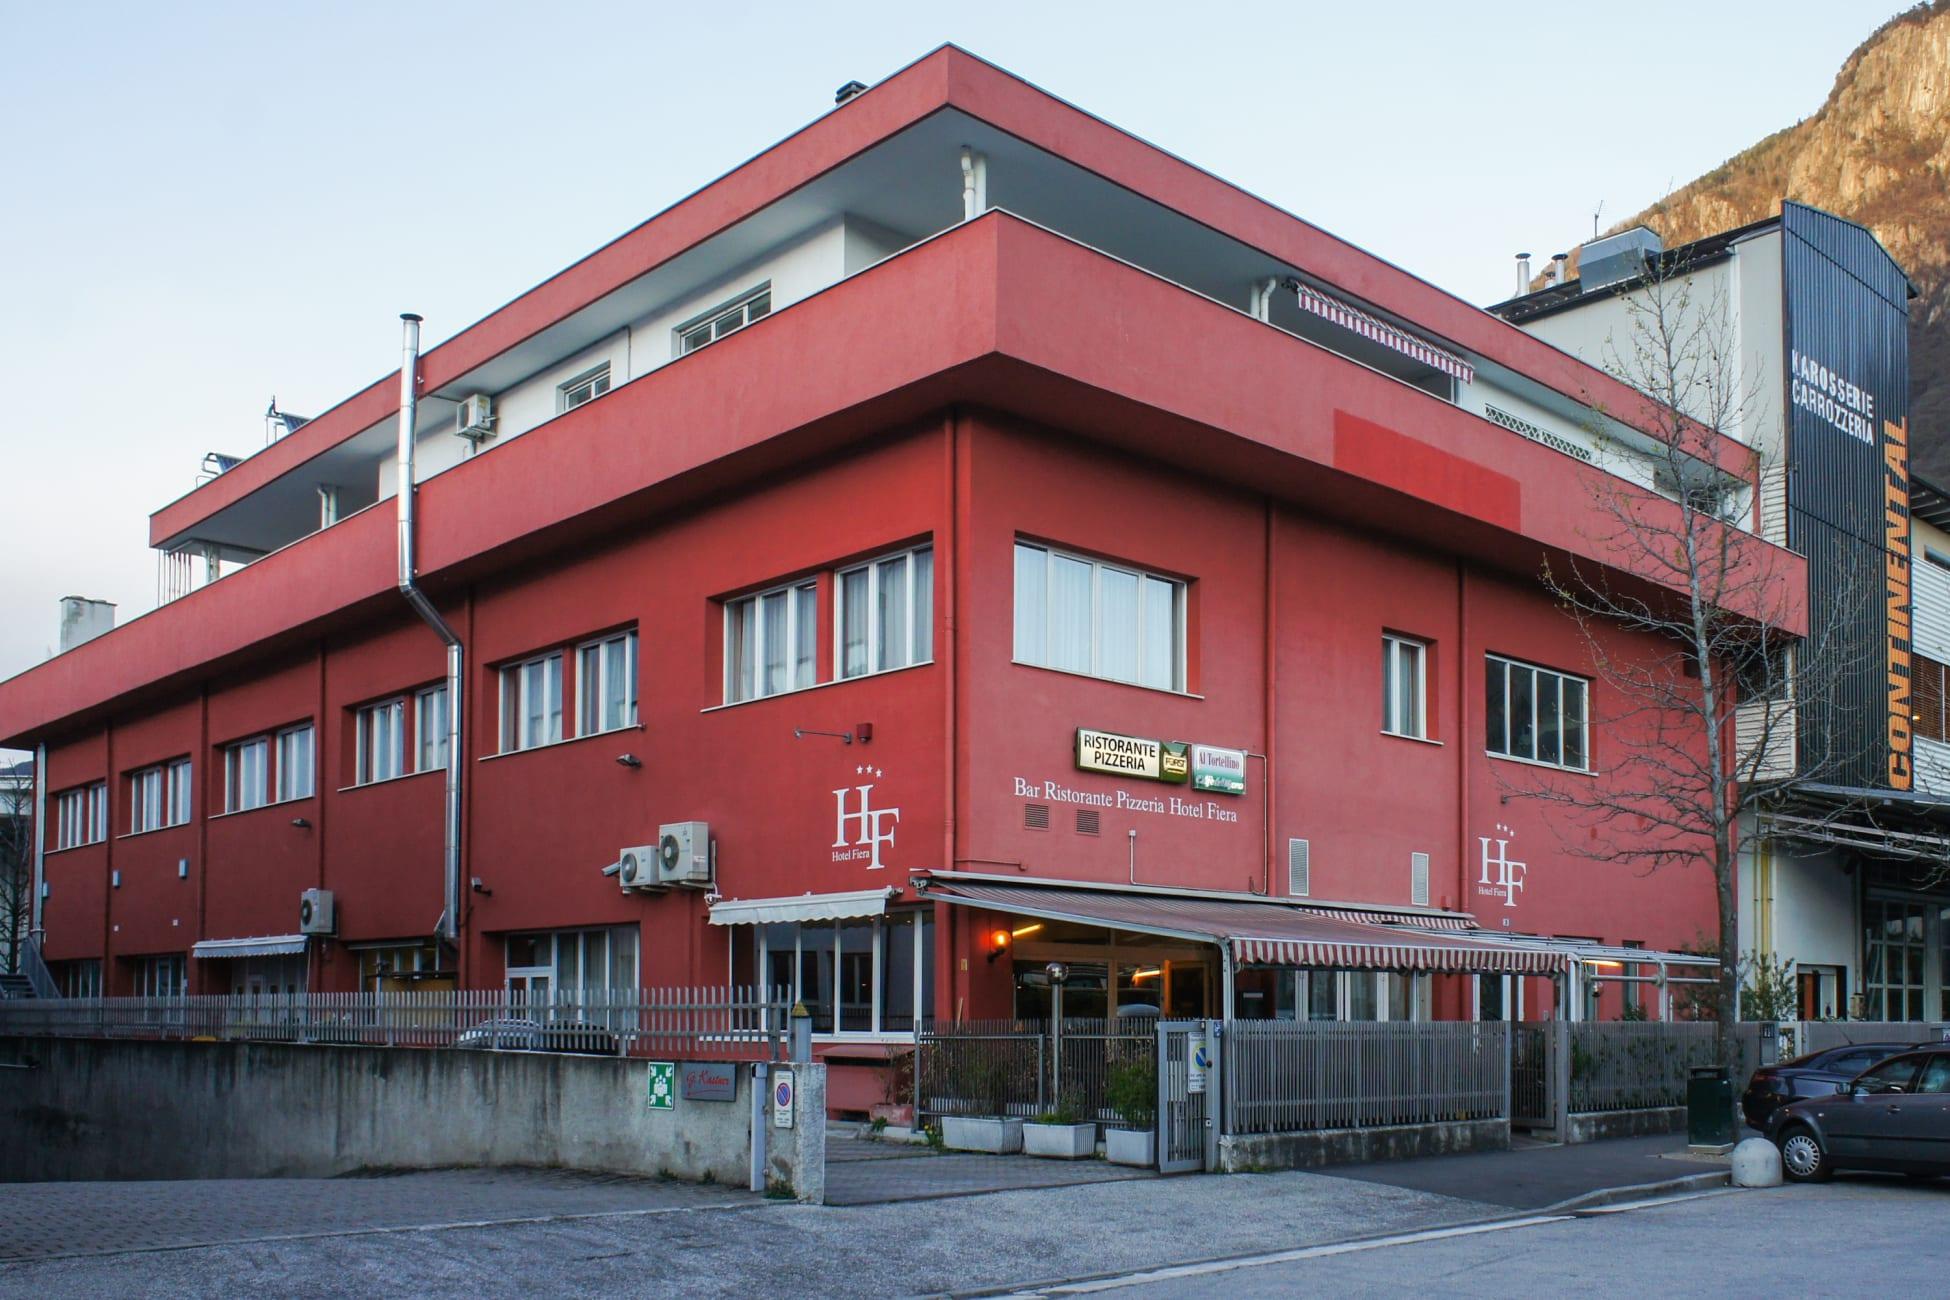 Hotel A Bolzano Fiera Trivagoit